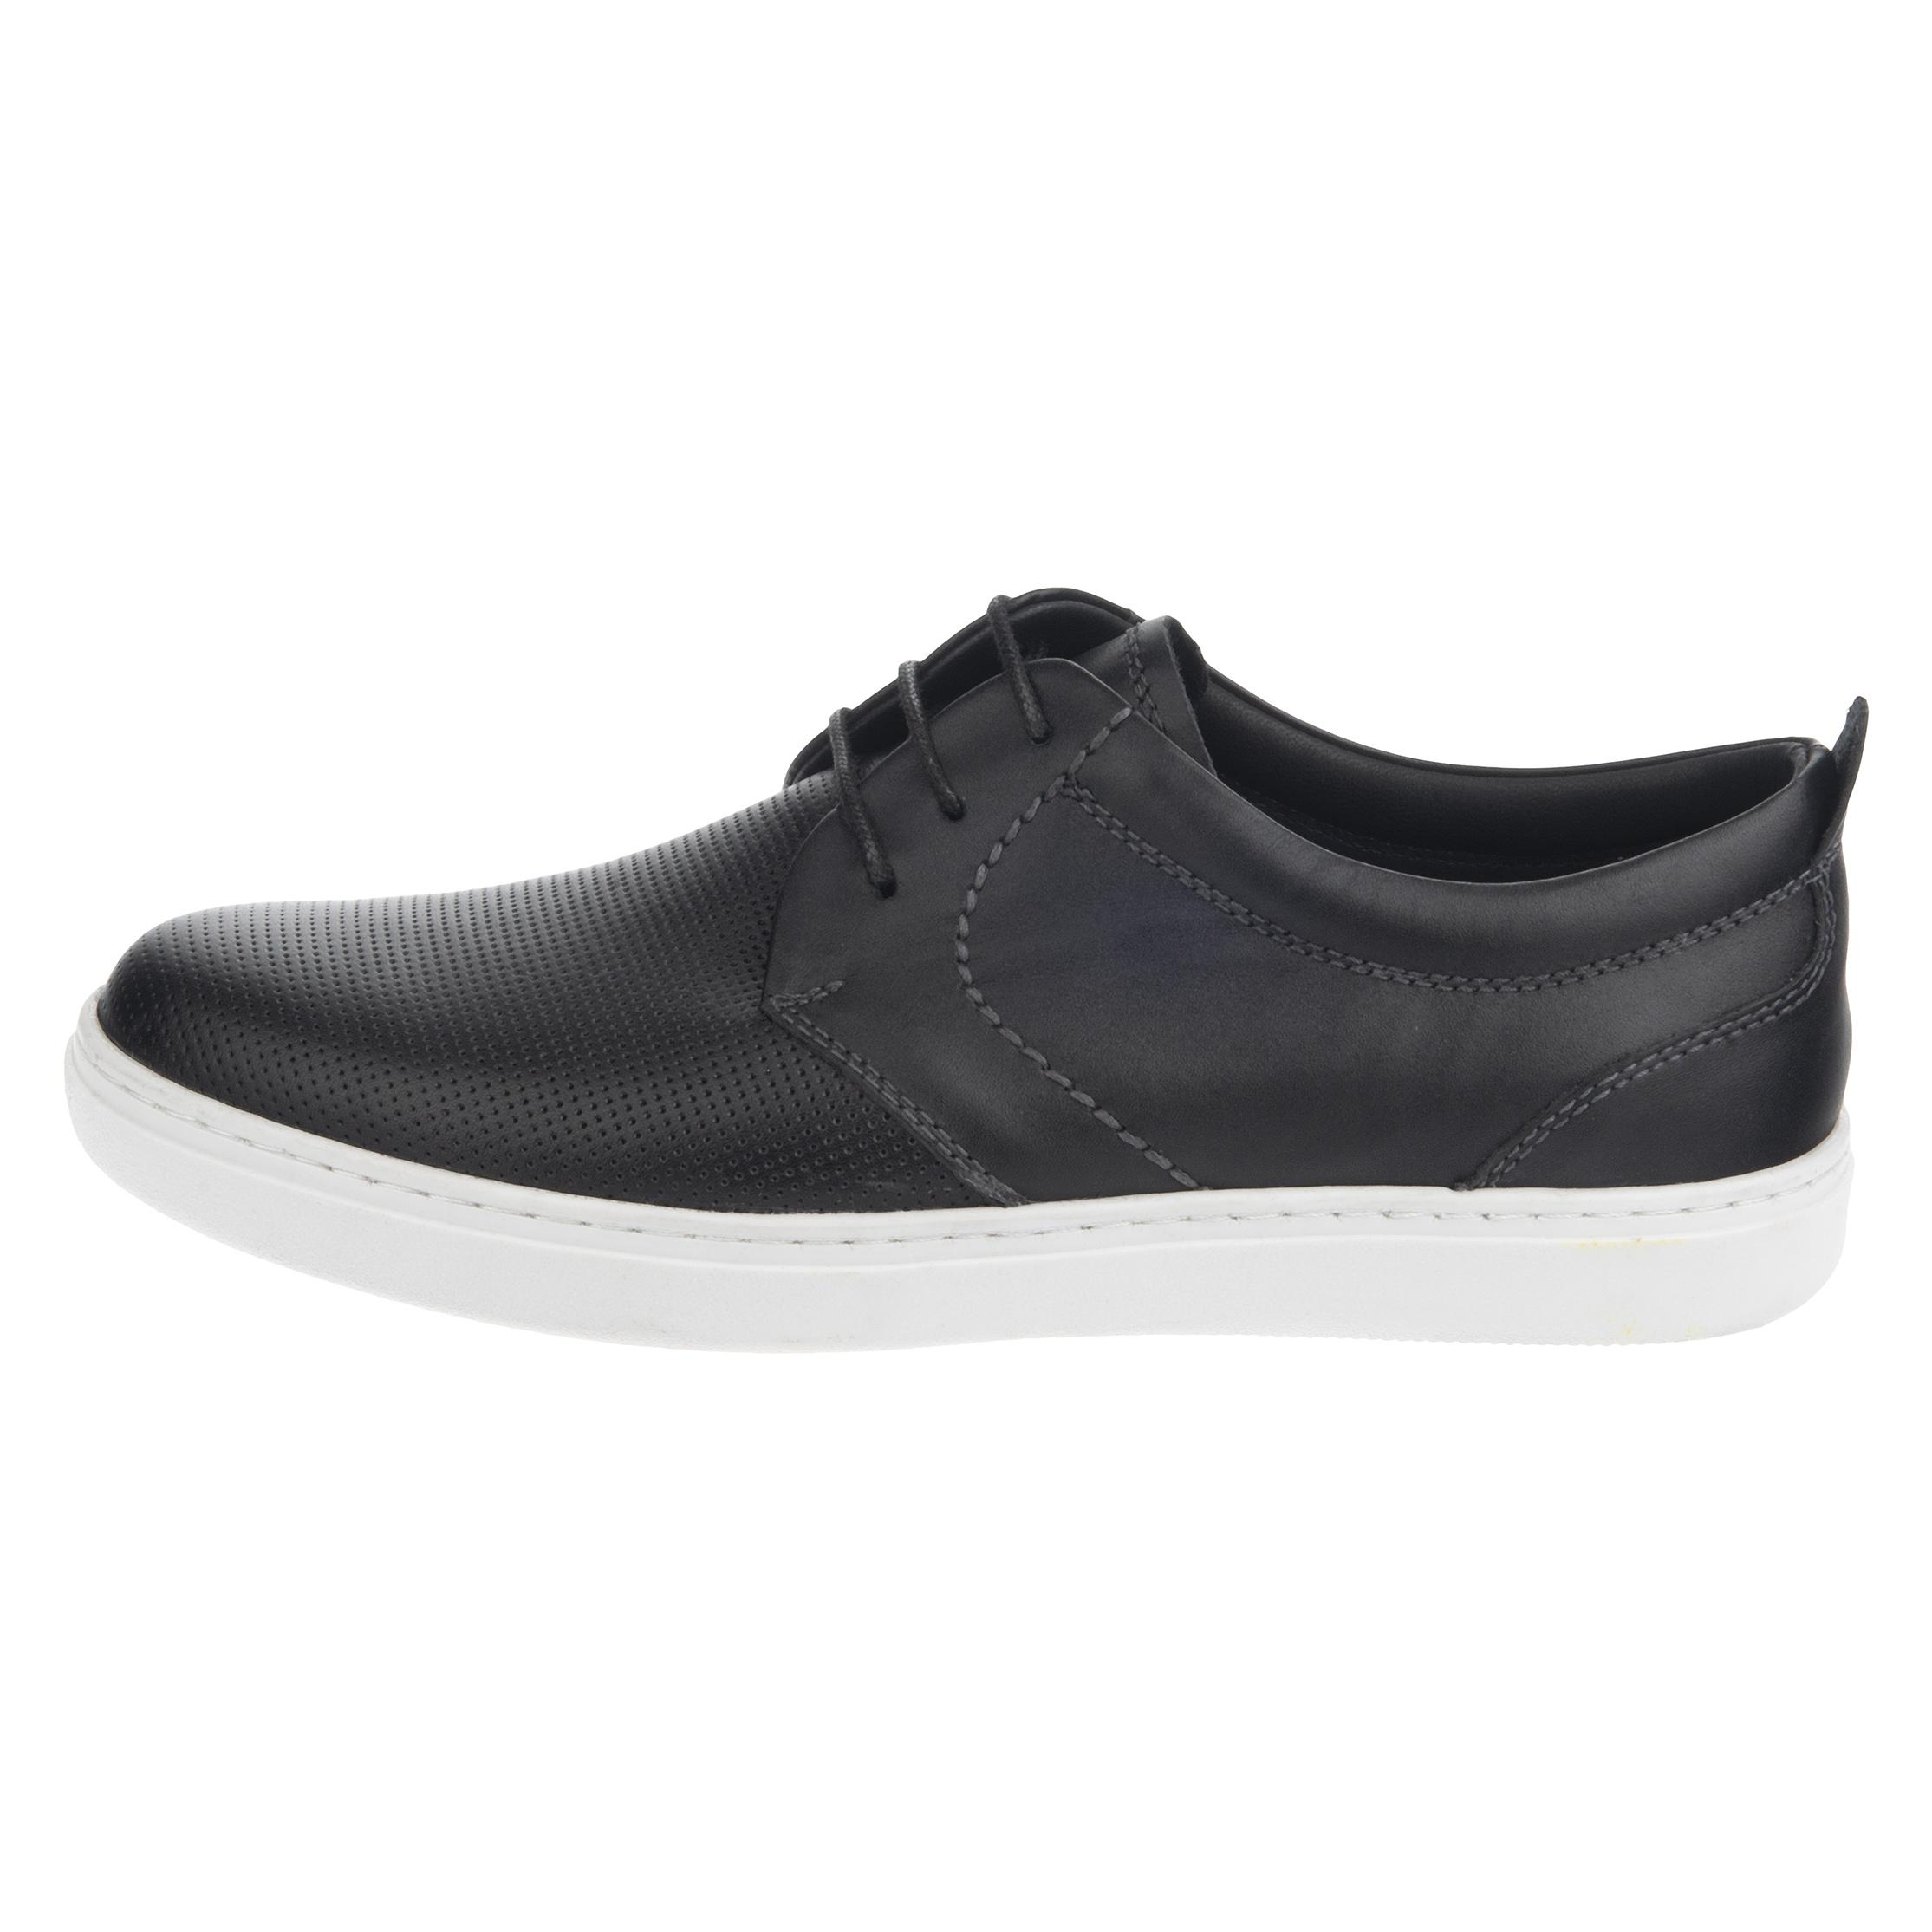 کفش روزمره مردانه گاندو مدل 716-99